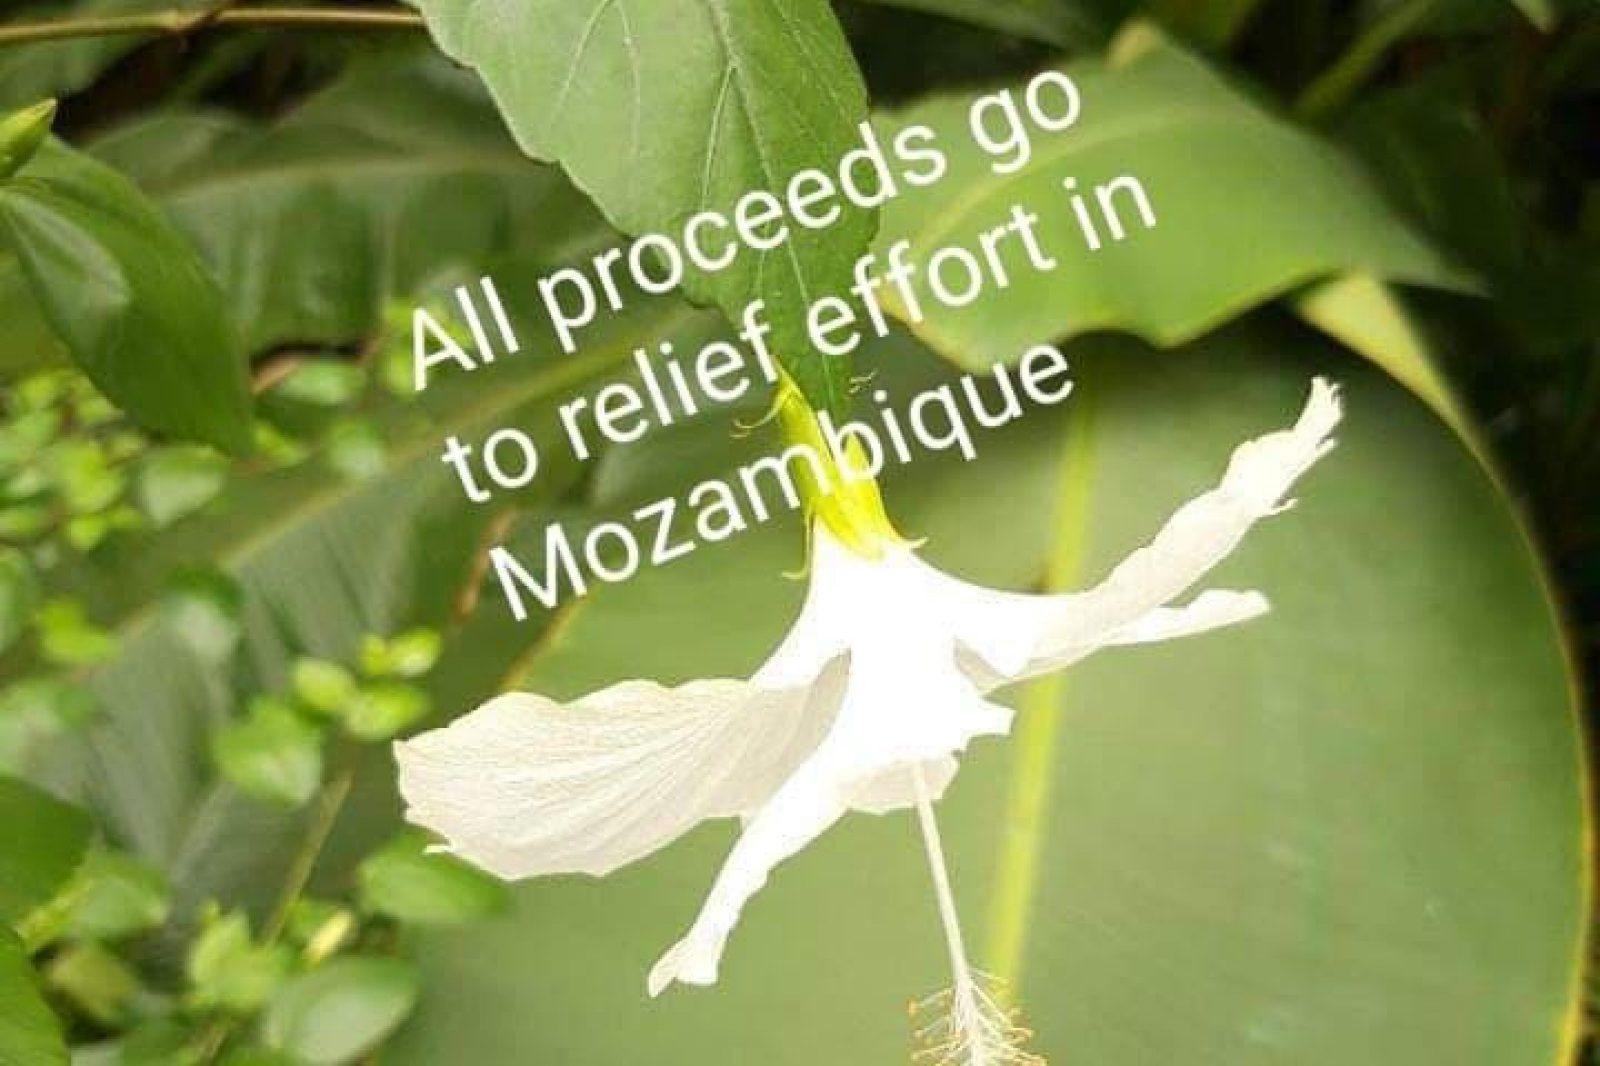 Mozambique6Th April